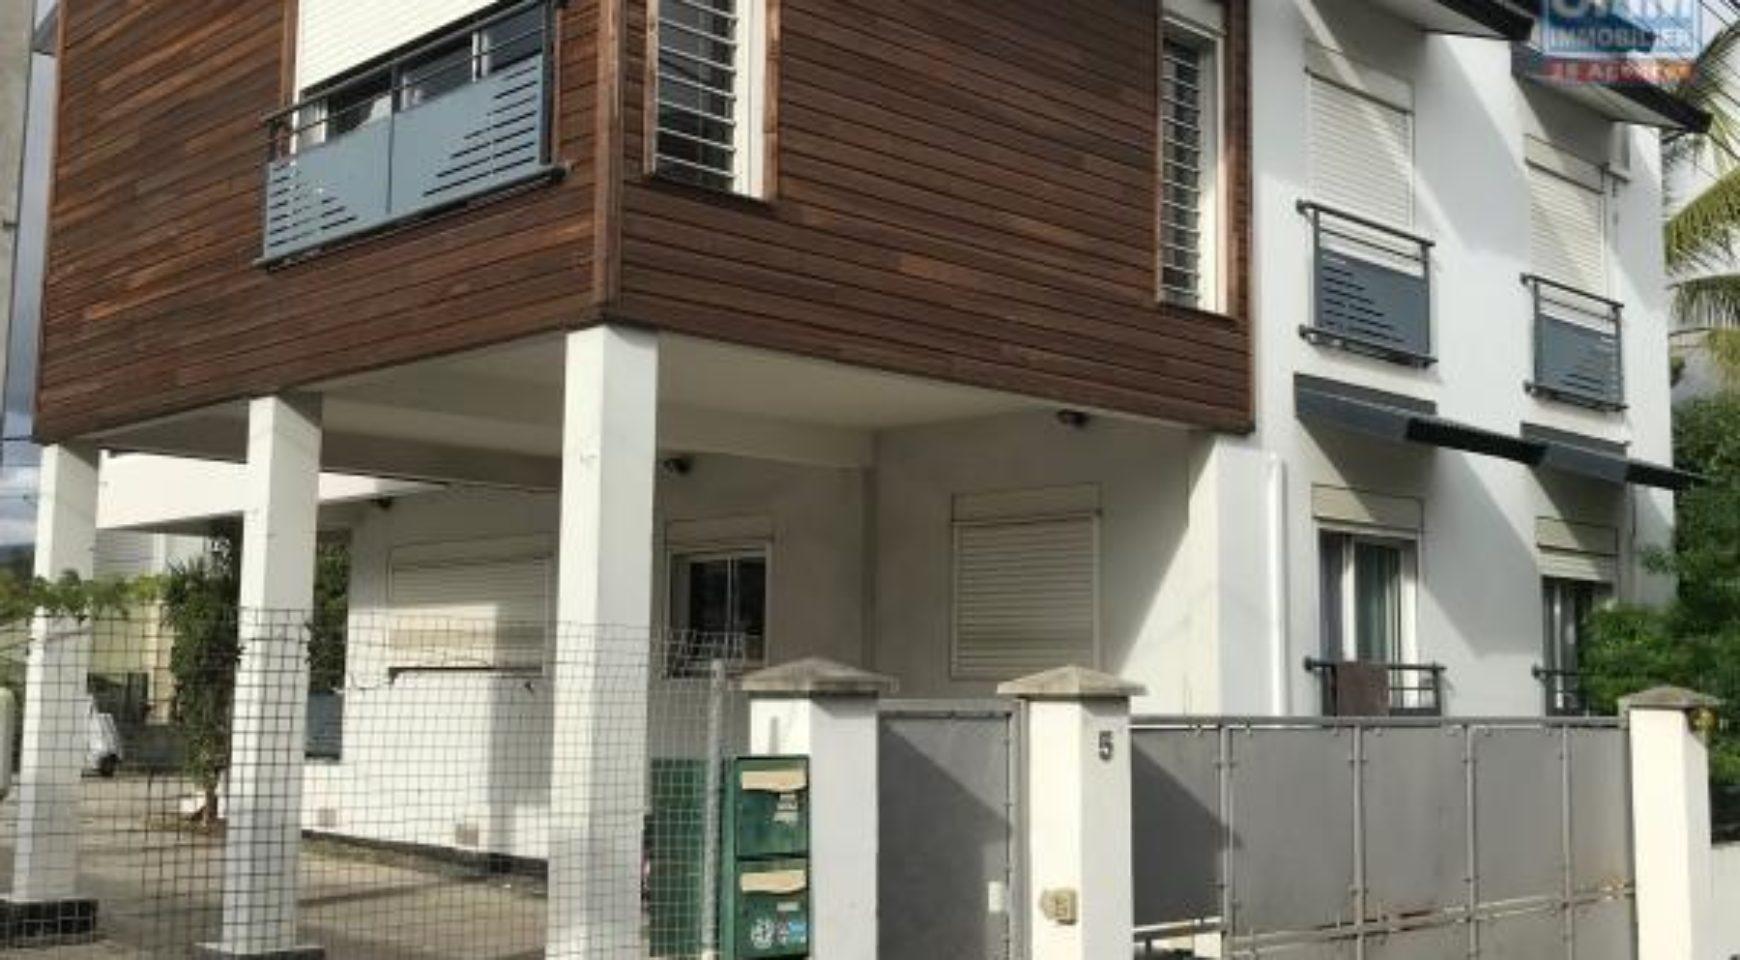 En vente deux villas t3 et t4 sur un terrain de 540 m2 - Deux maisons sur un seul terrain ...